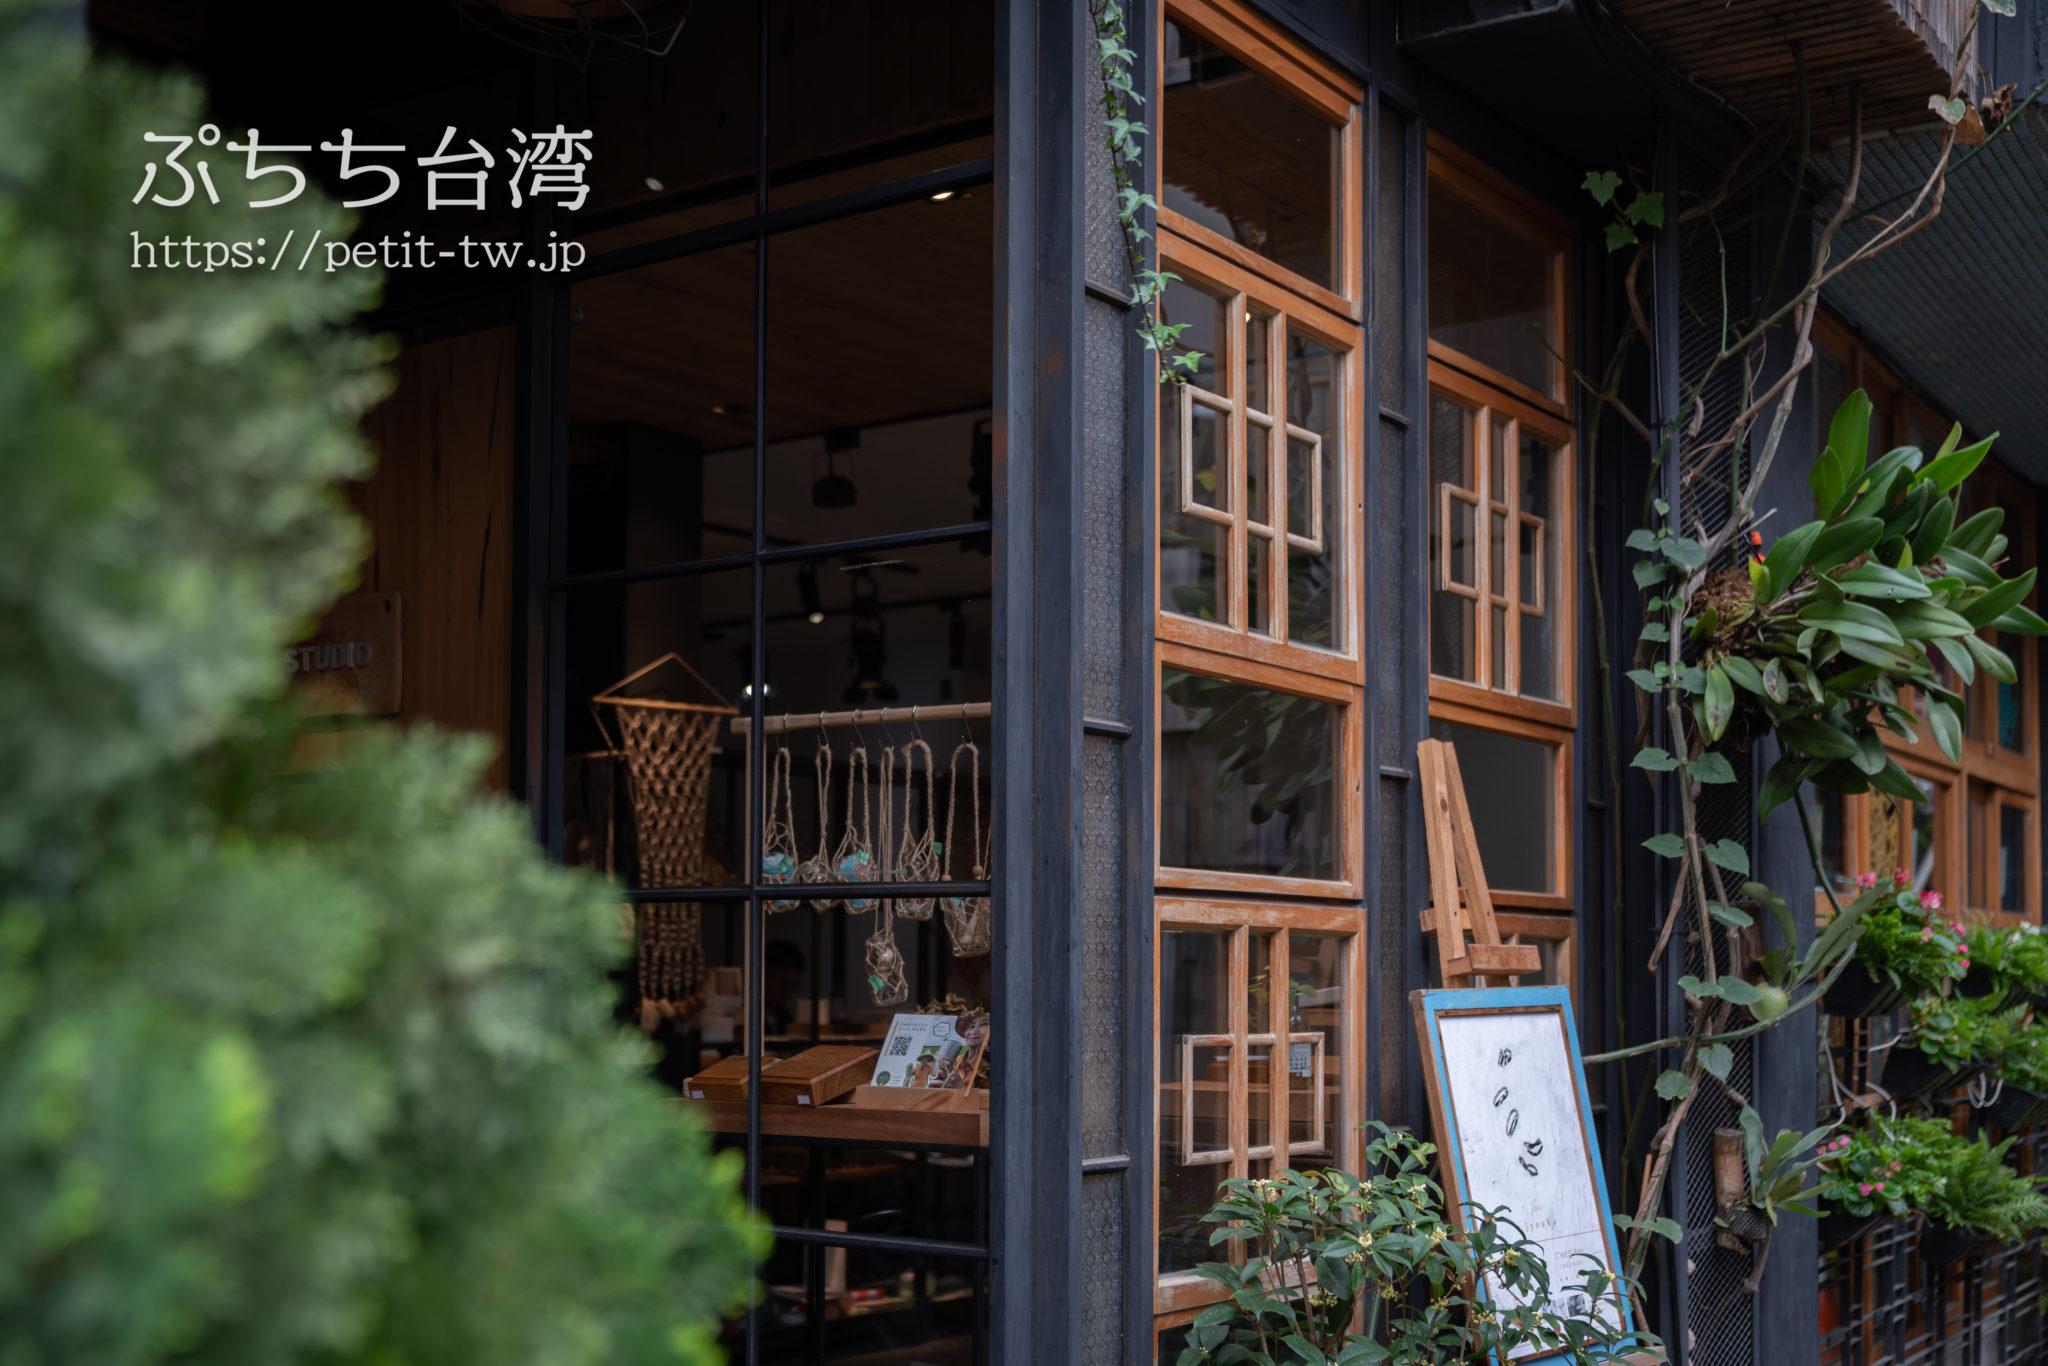 台南のホテル アトリーウムの外観